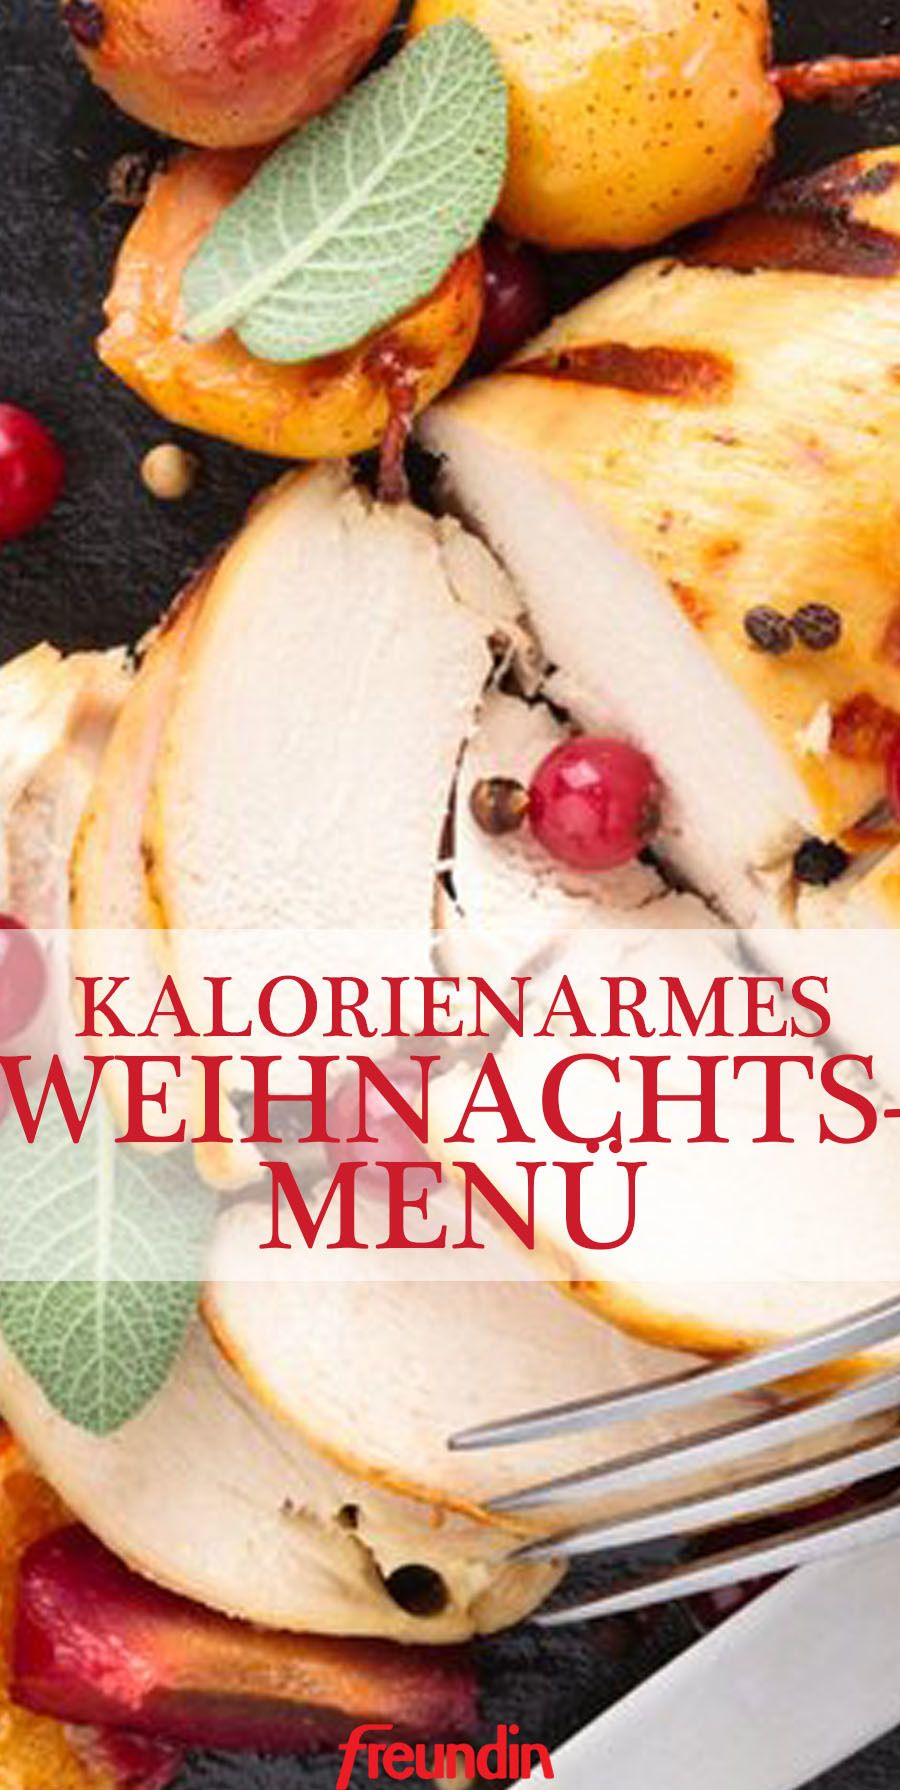 Weihnachtsessen Kalorienarm.Kalorienarmes Weihnachtsessen Alles Rund Um Weihnachten